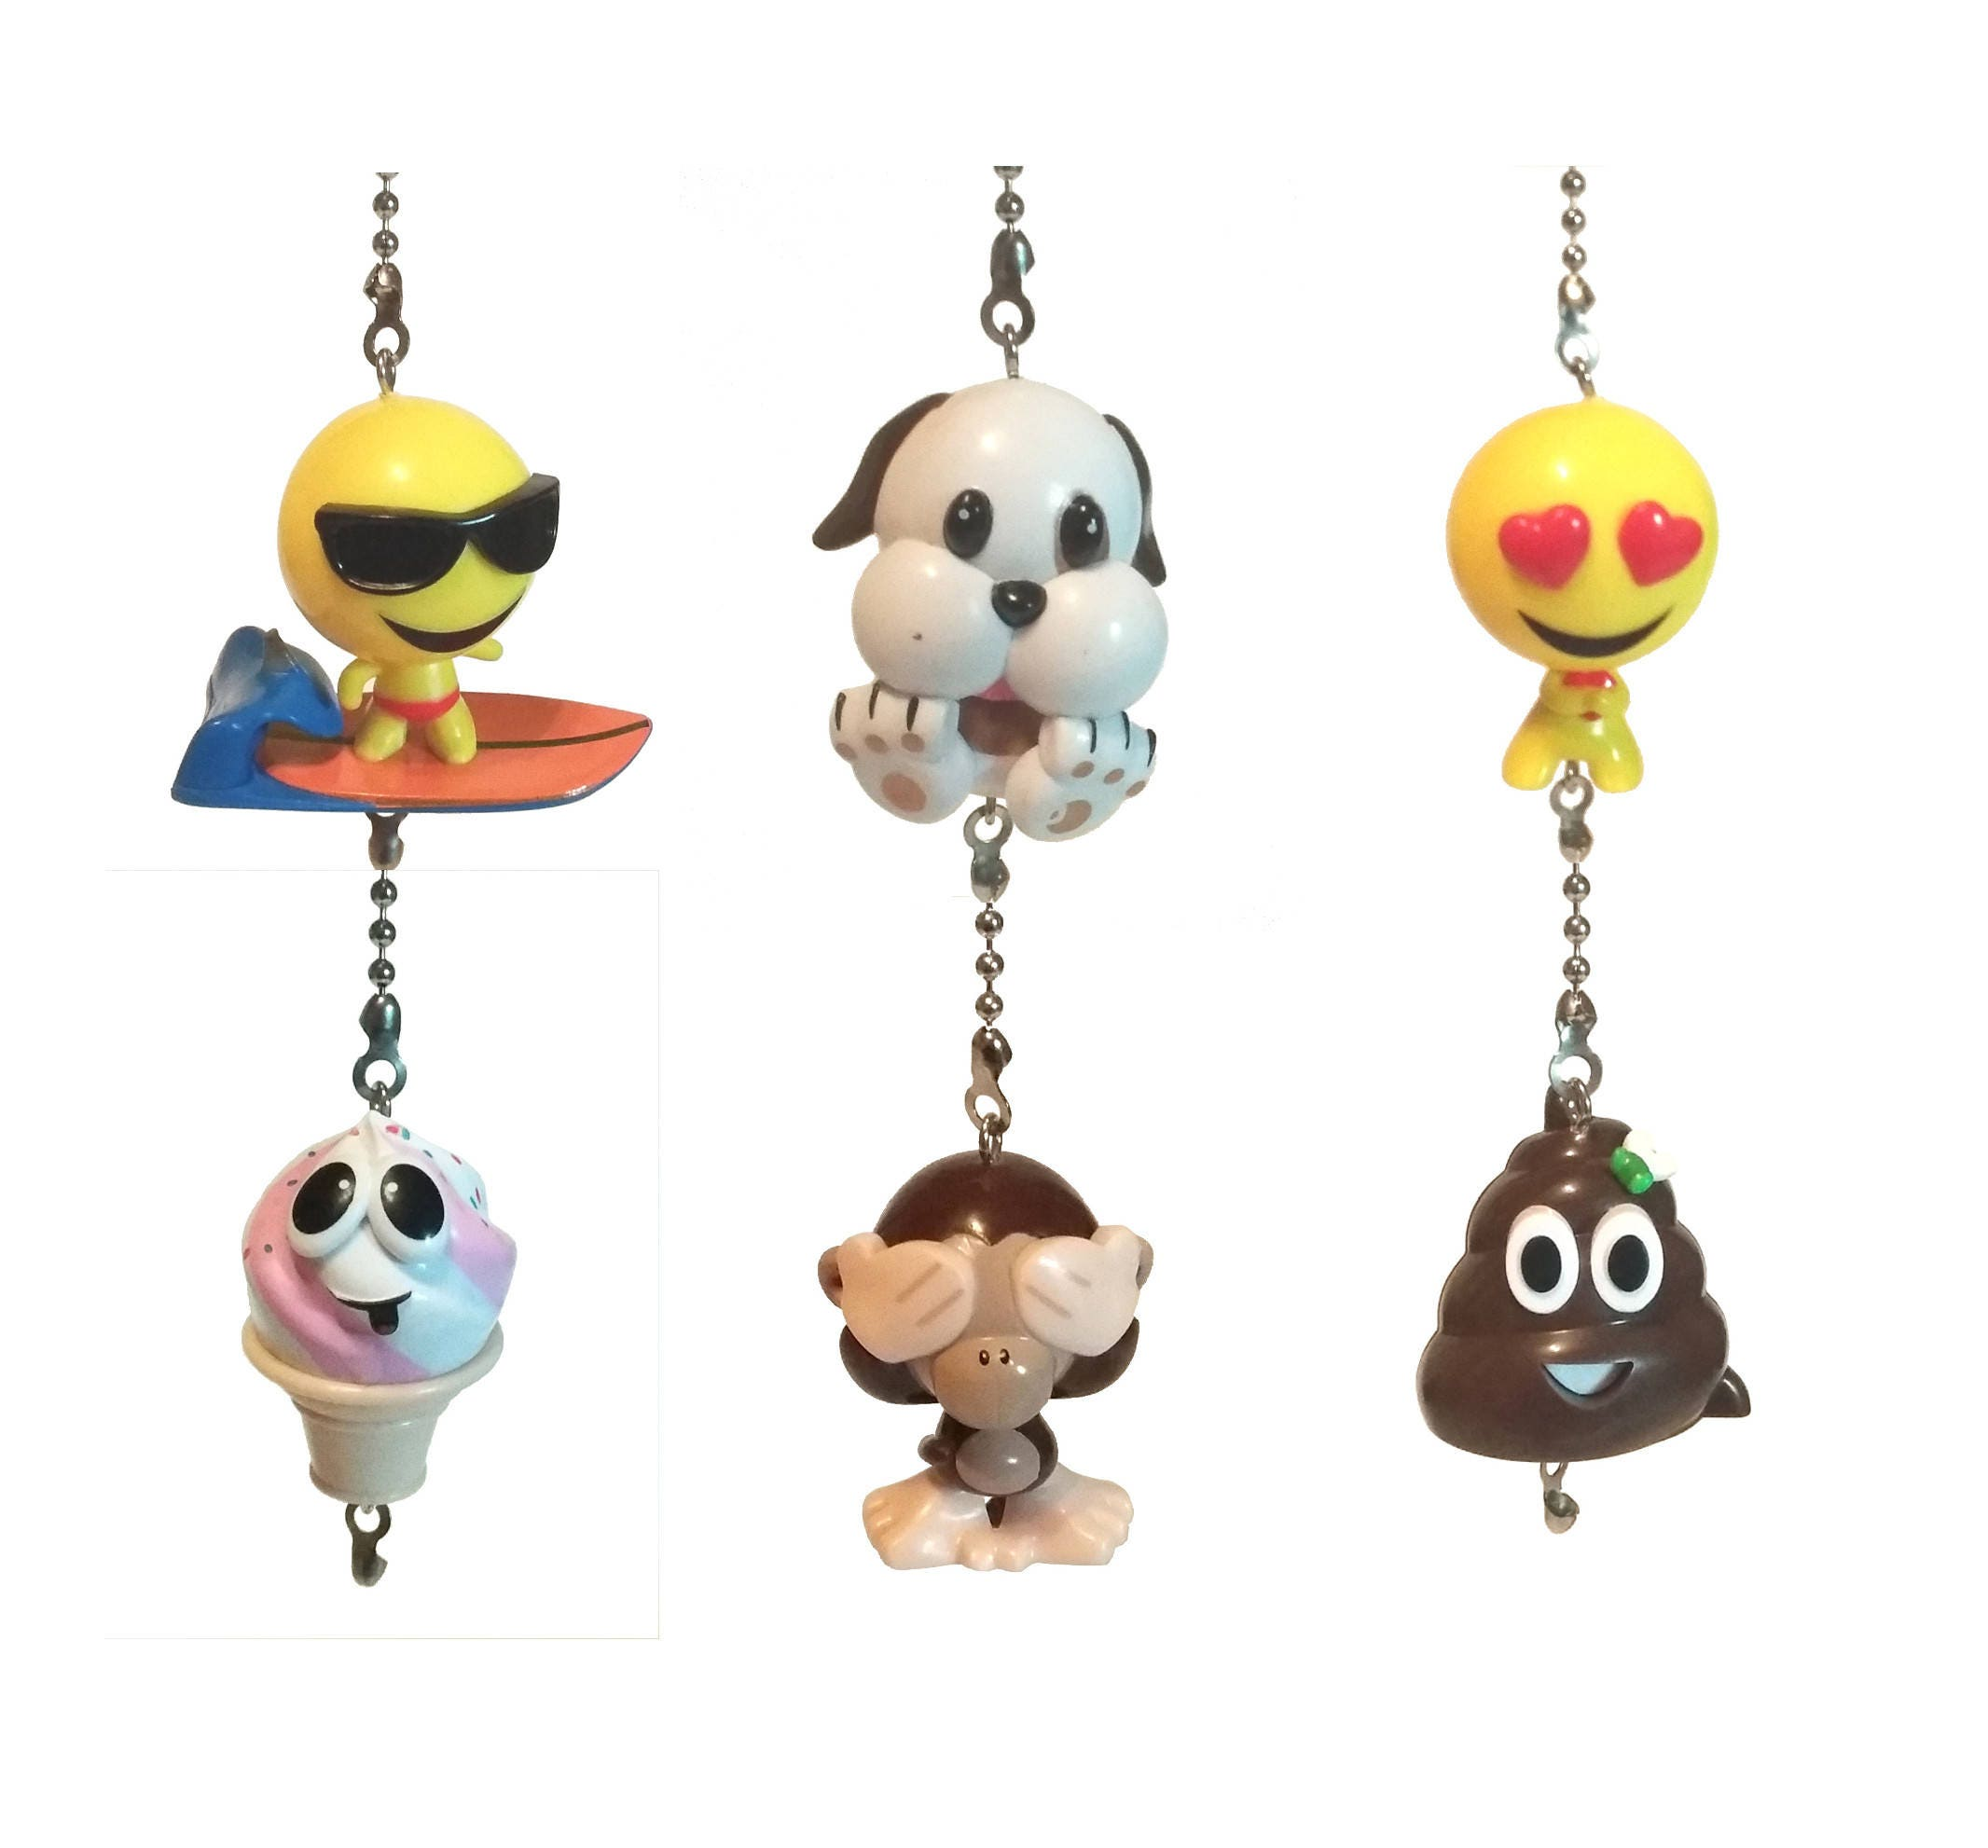 emoji ceiling fan pulls - poo emoji, emoticon decor, gift idea